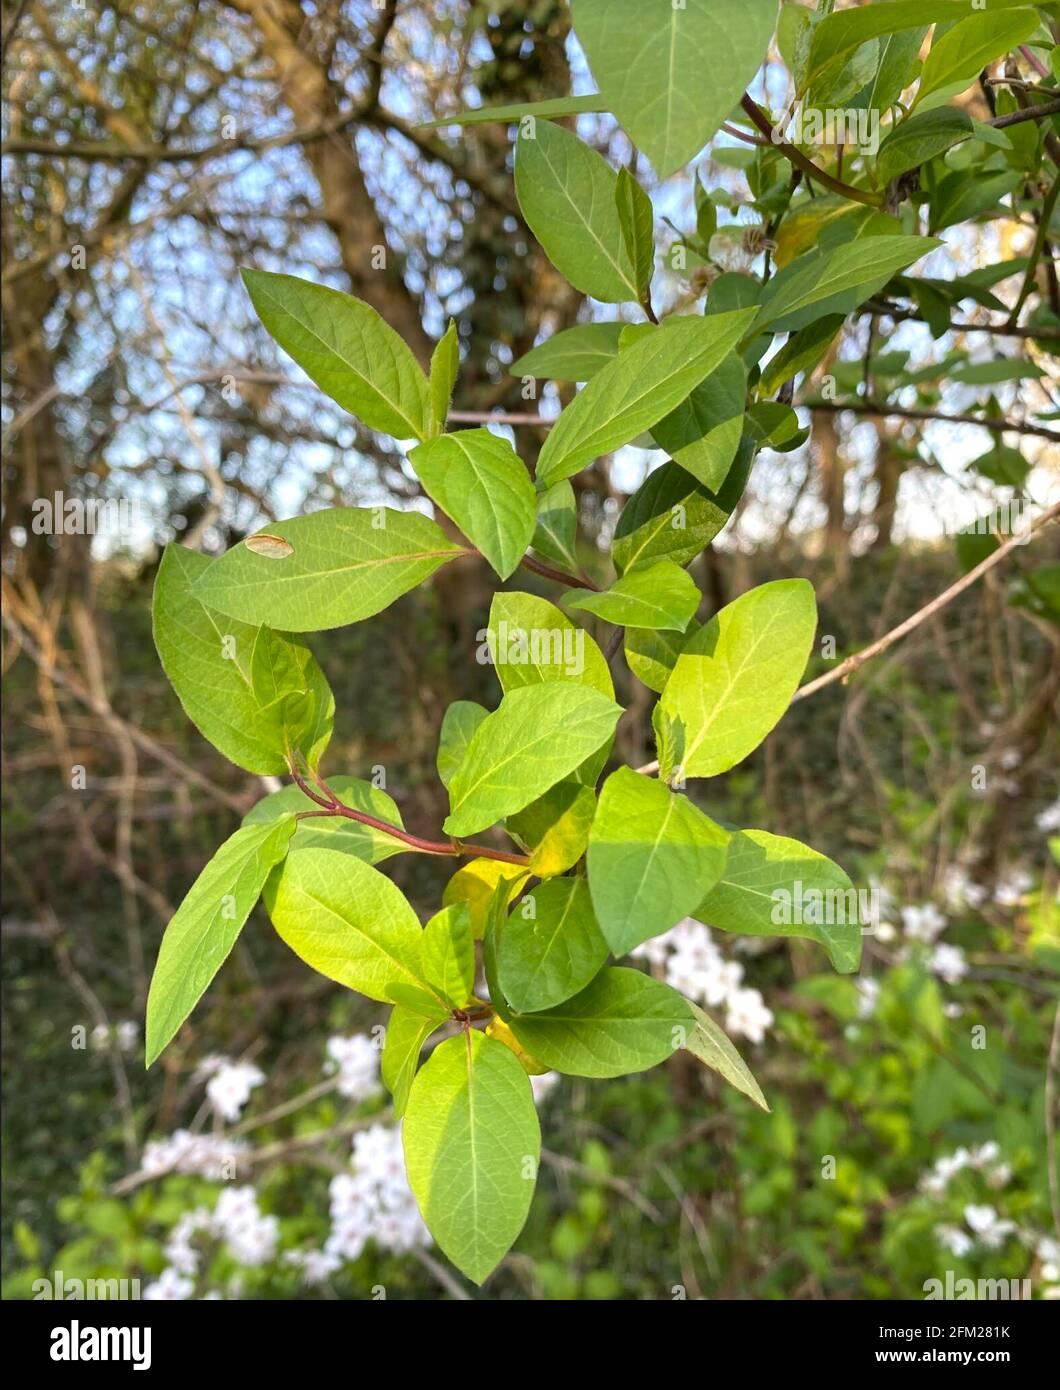 ARBRE WAYFARER Viburnum lantana départ en printemps. Photo : Tony Gale Banque D'Images